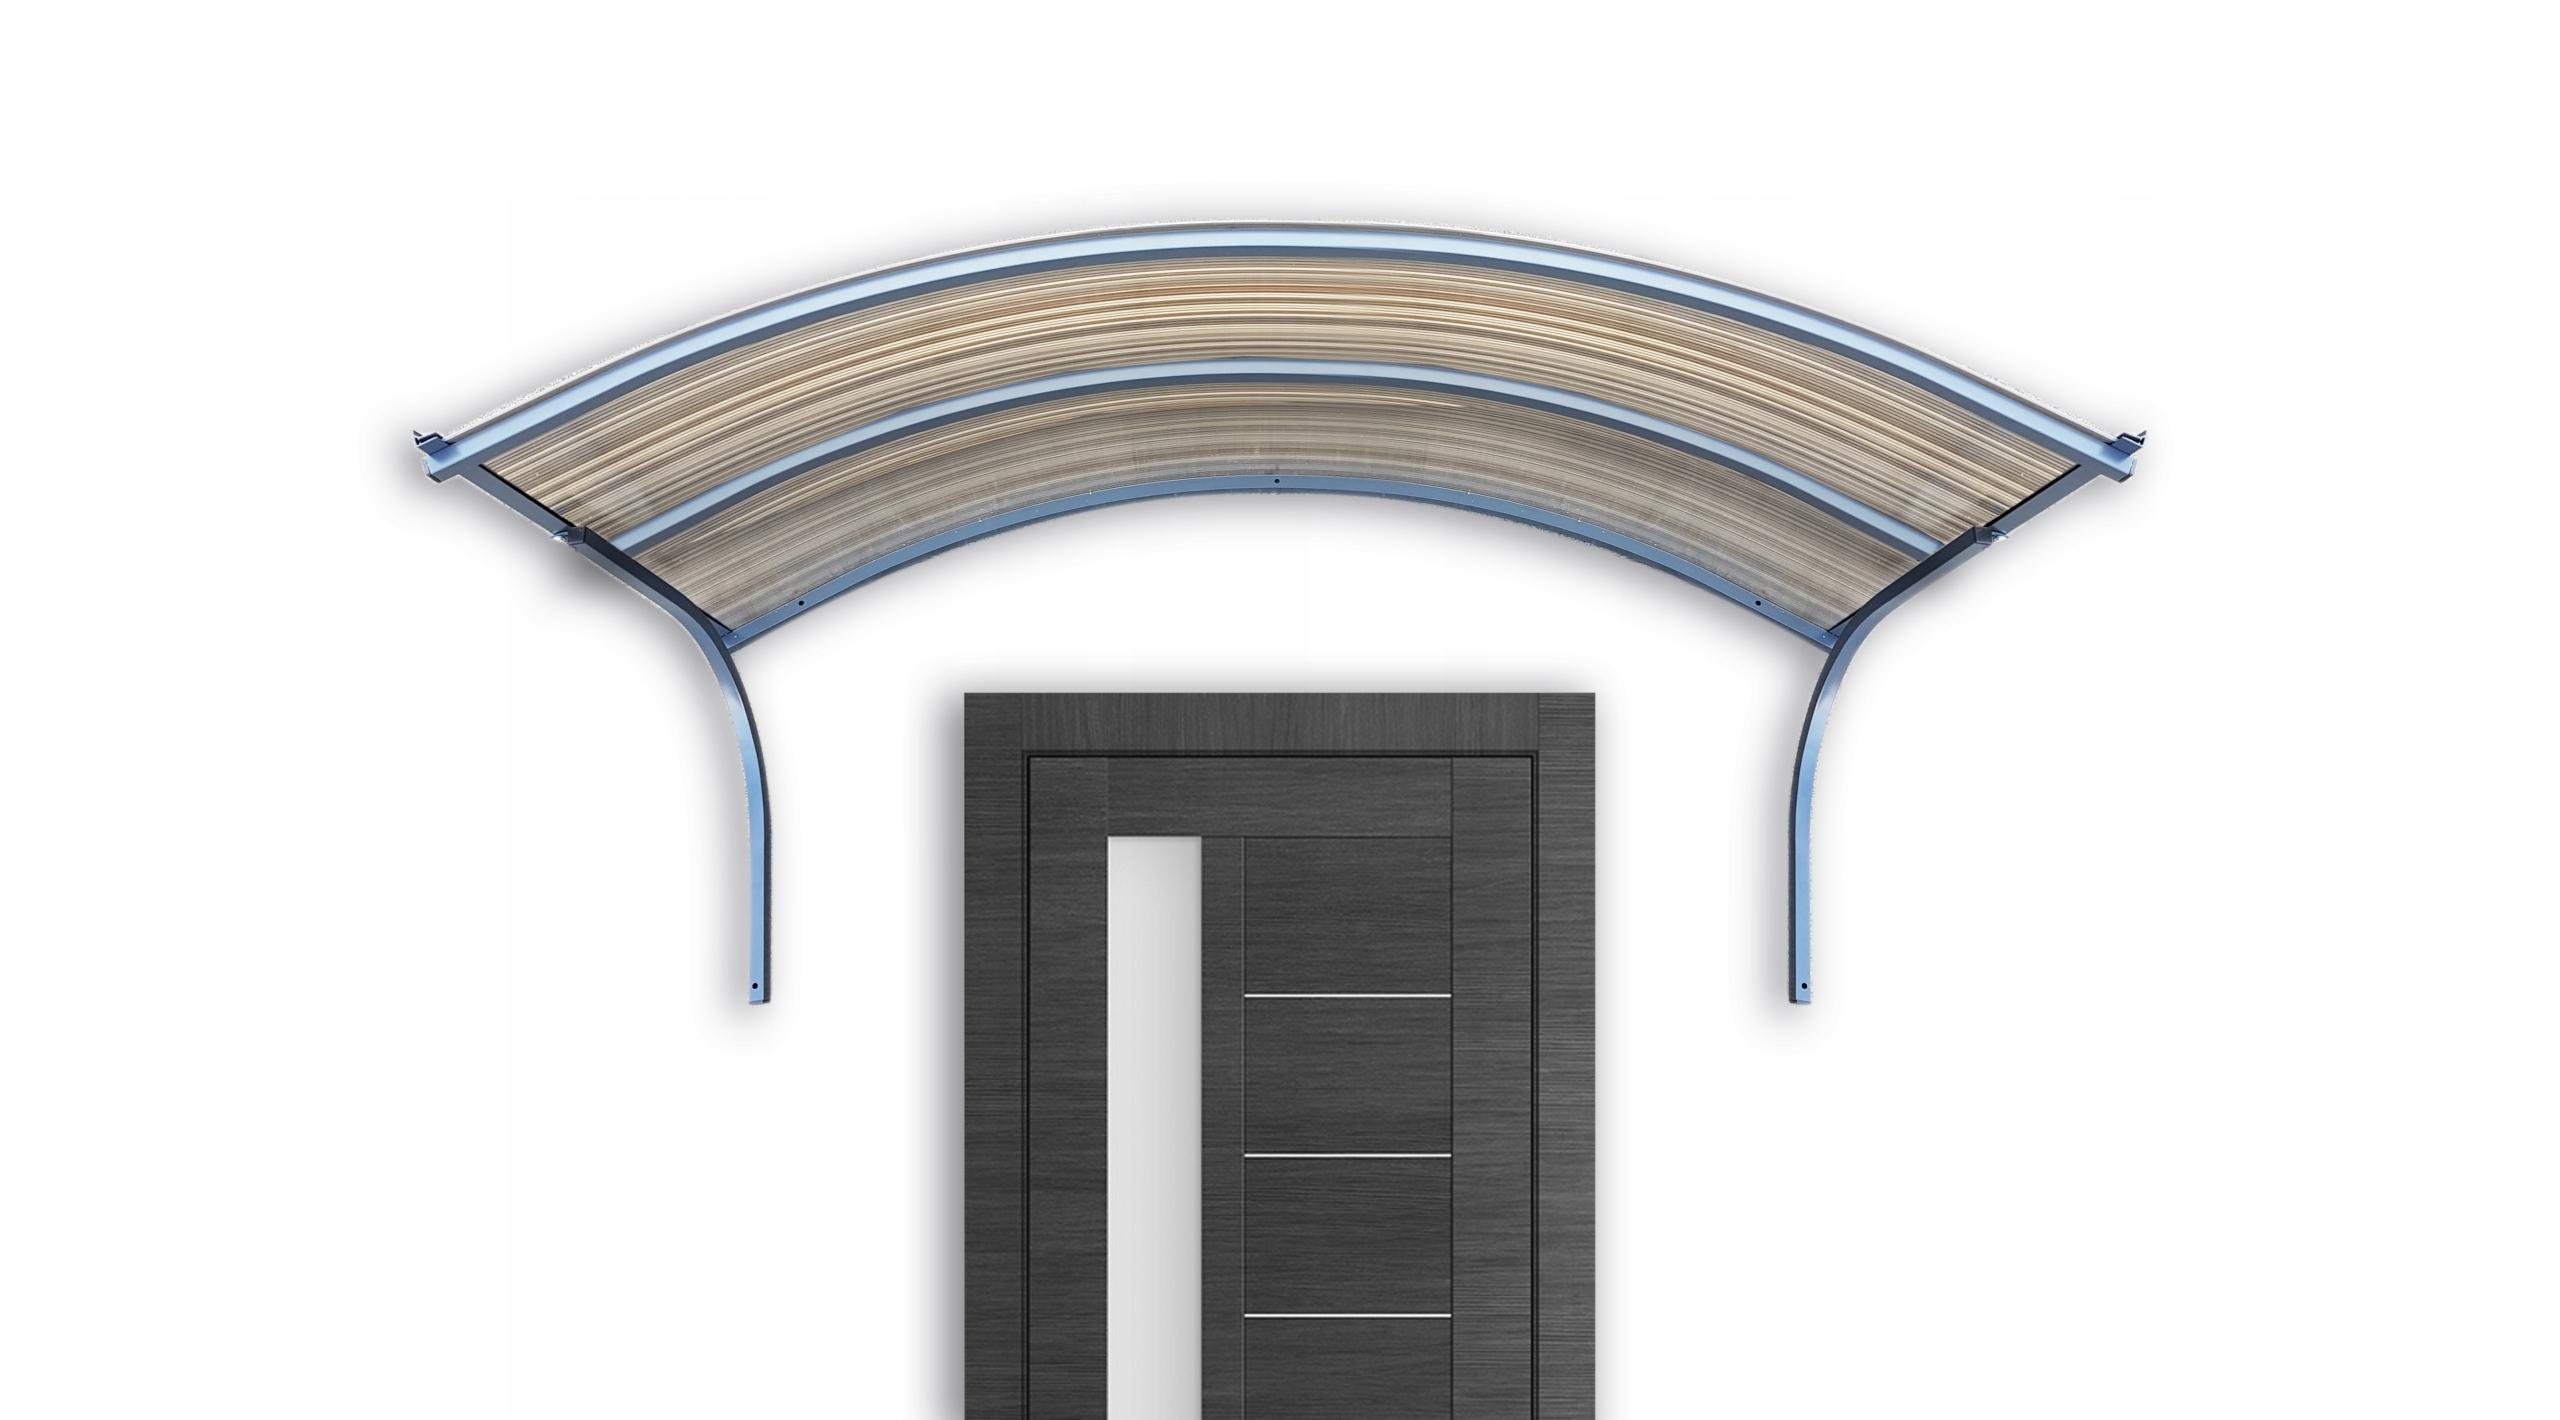 Strieška dverí, strecha 170x25x90 antracitová